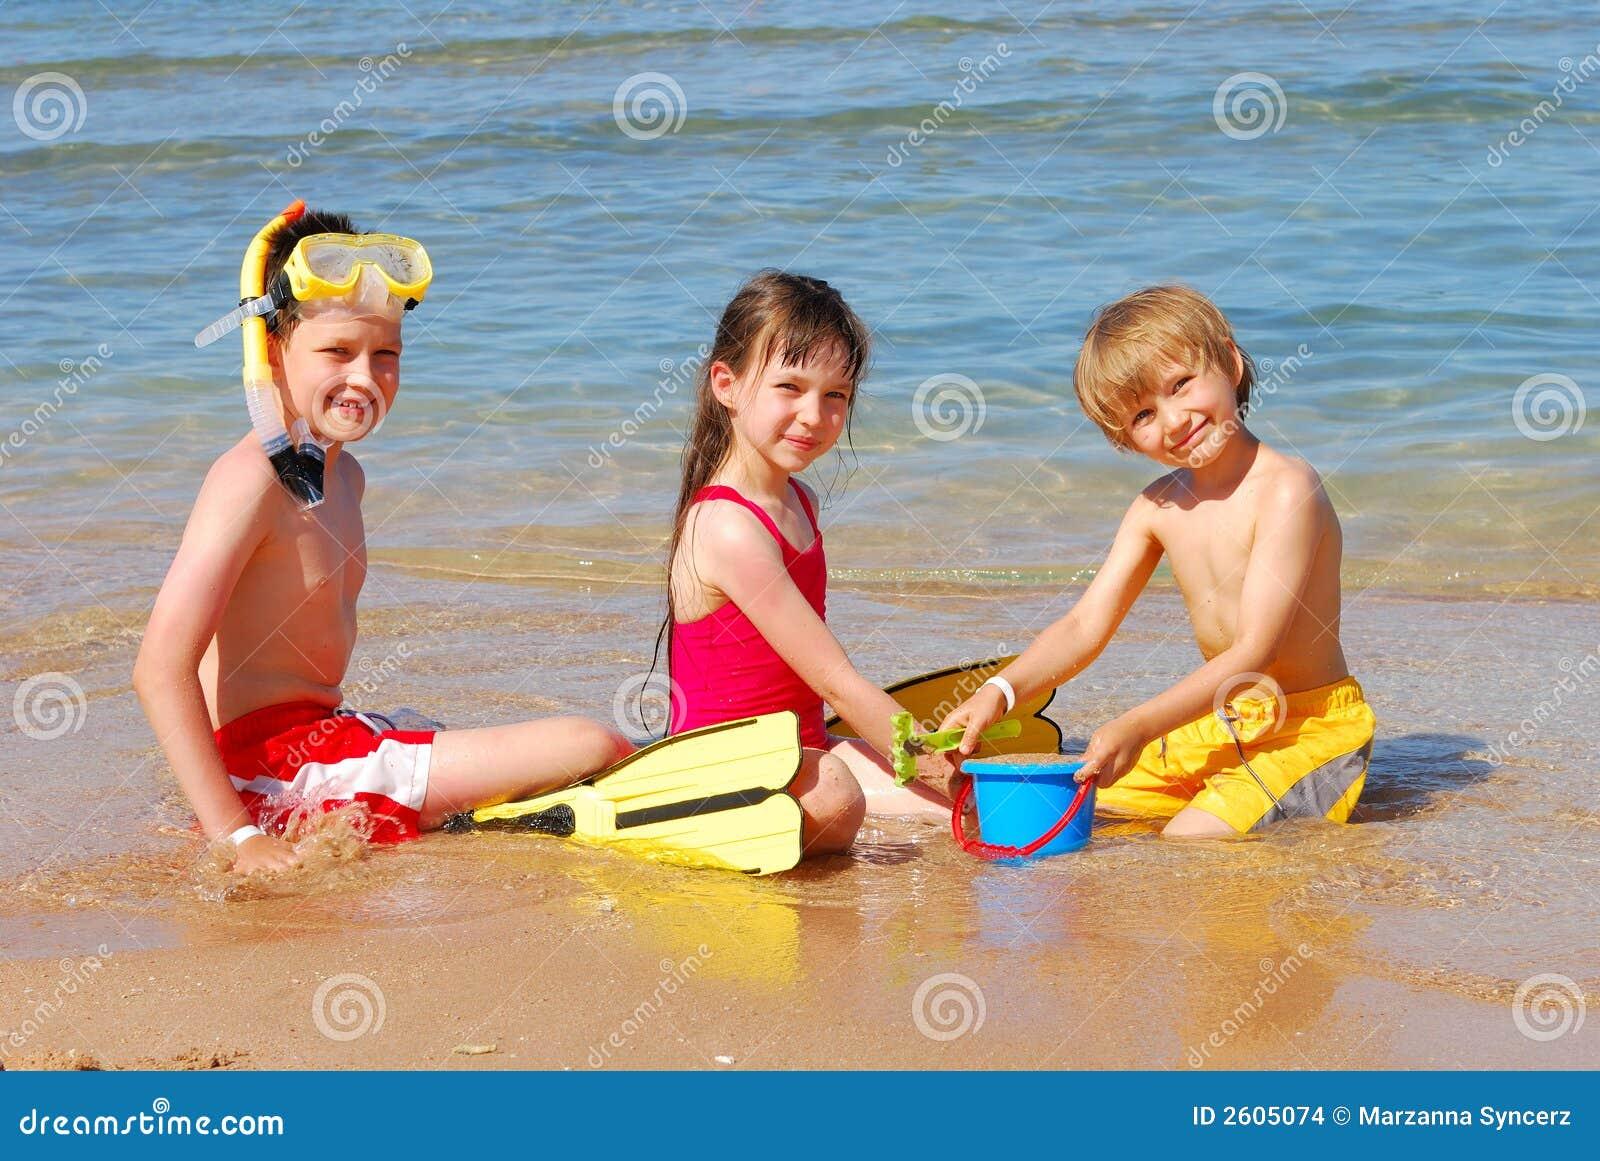 Kinder, die am Strand spielen